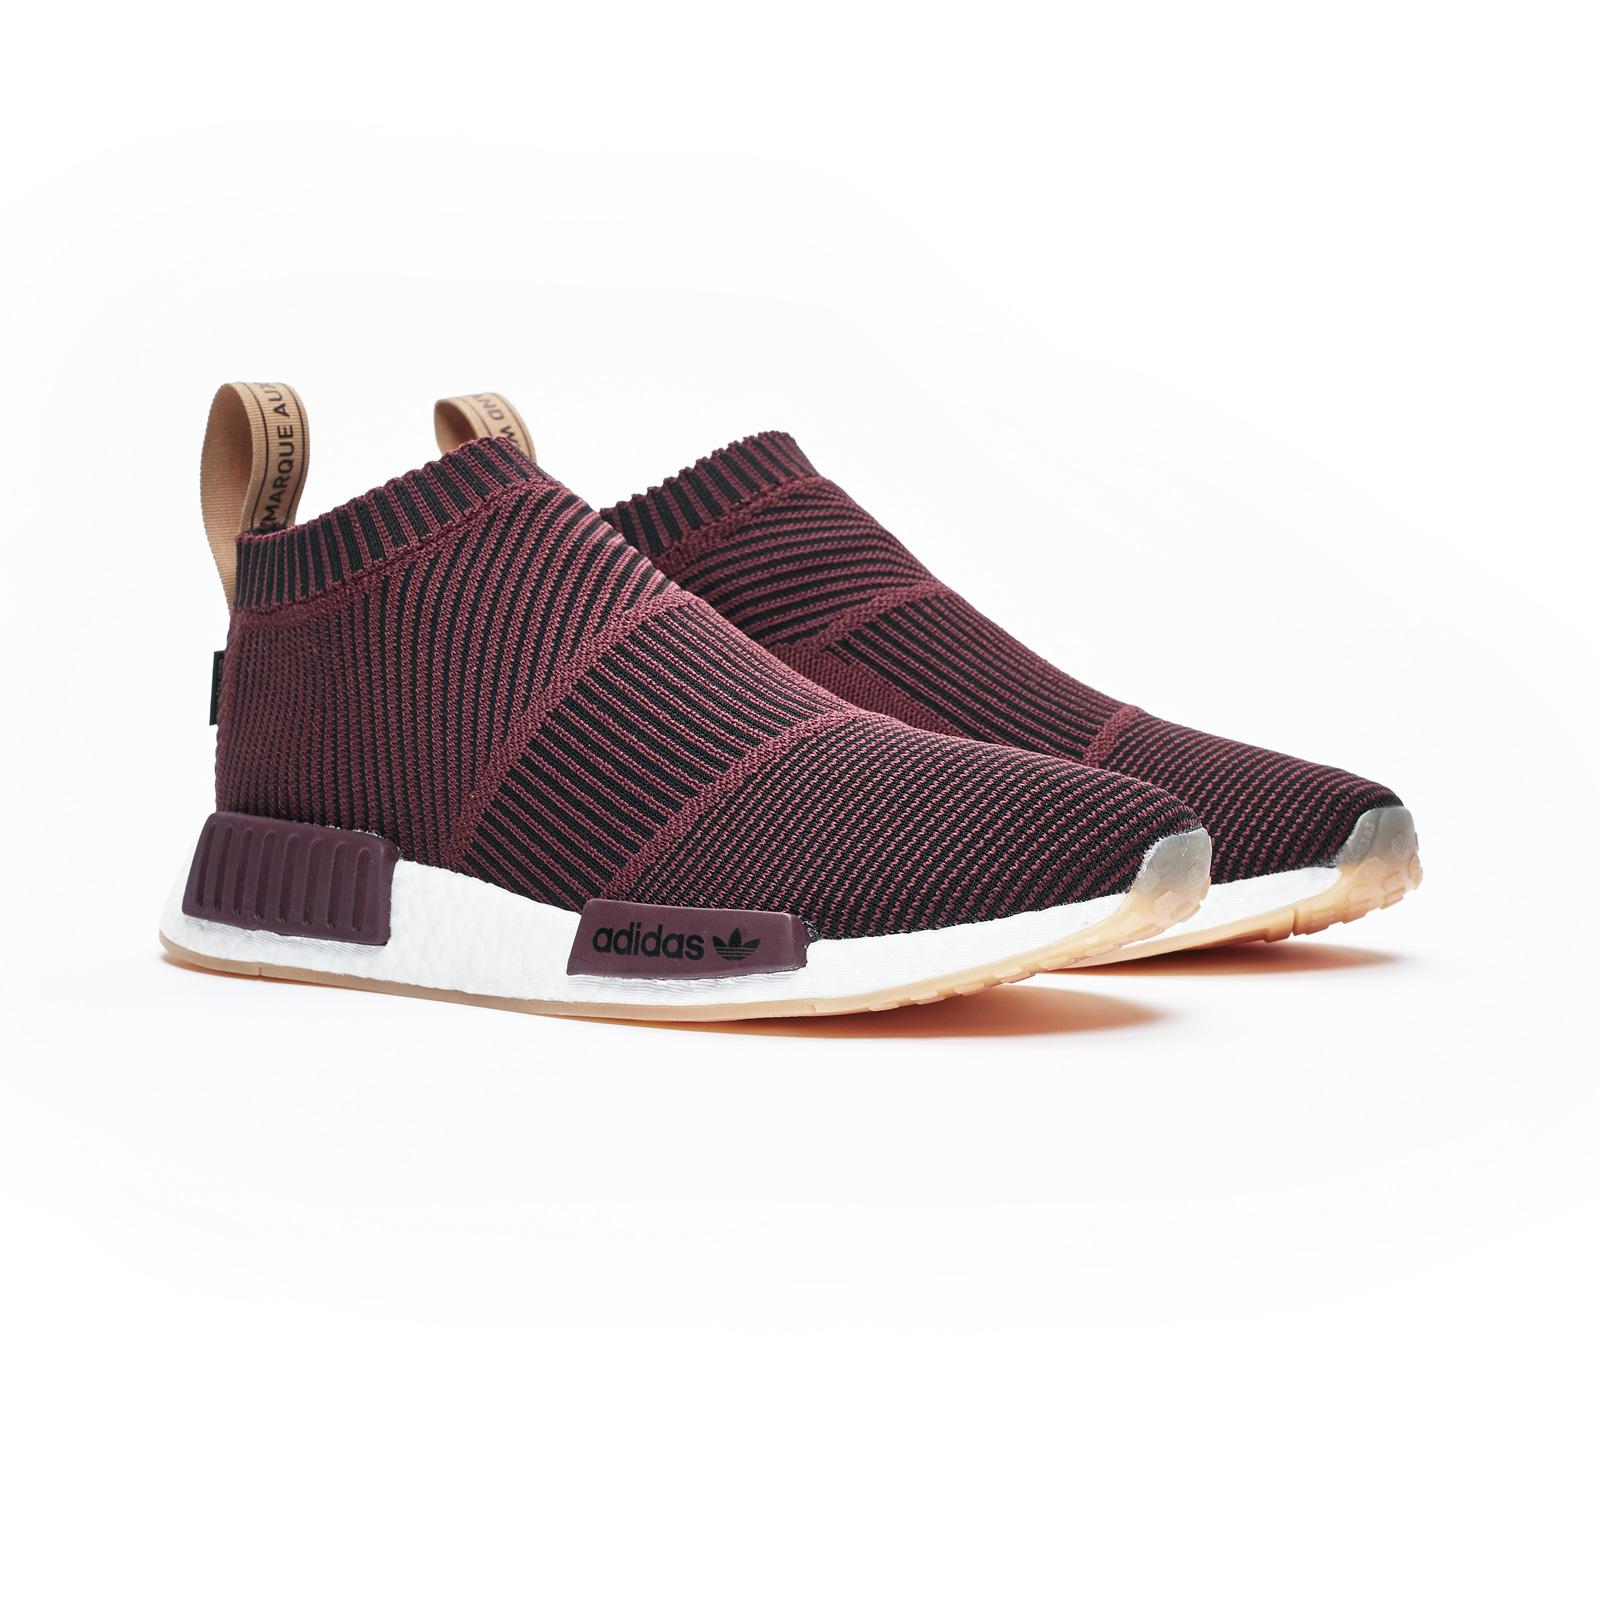 a87c8f201 adidas NMD CS1 GORE-TEX Primeknit SNS Exclusive - Aq0364 - Sneakersnstuff